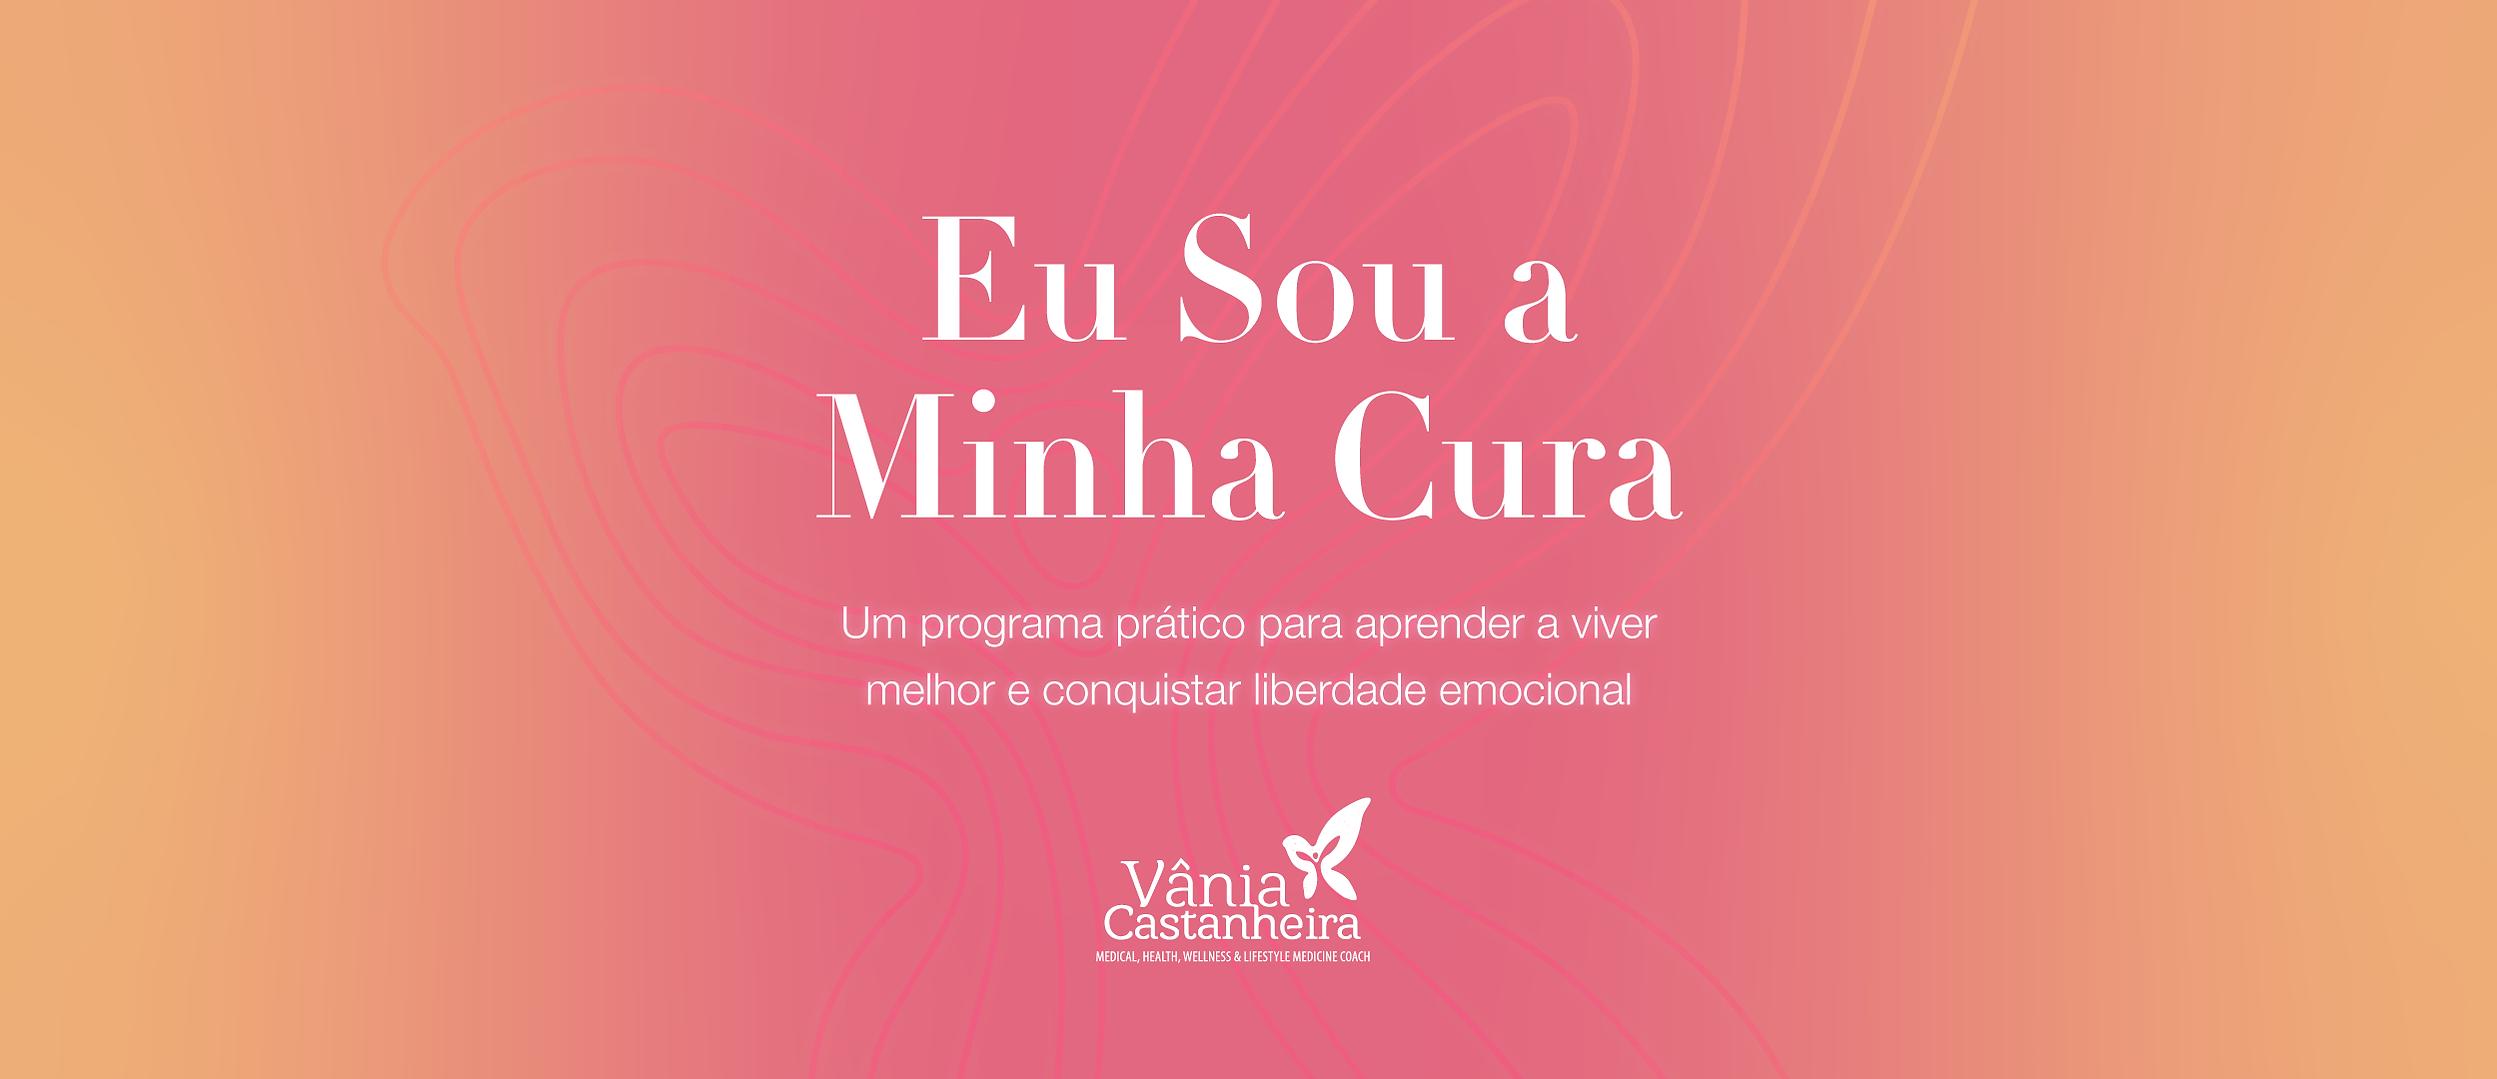 Curso-EuSouAminhaCura-VaniaCastanheira_D